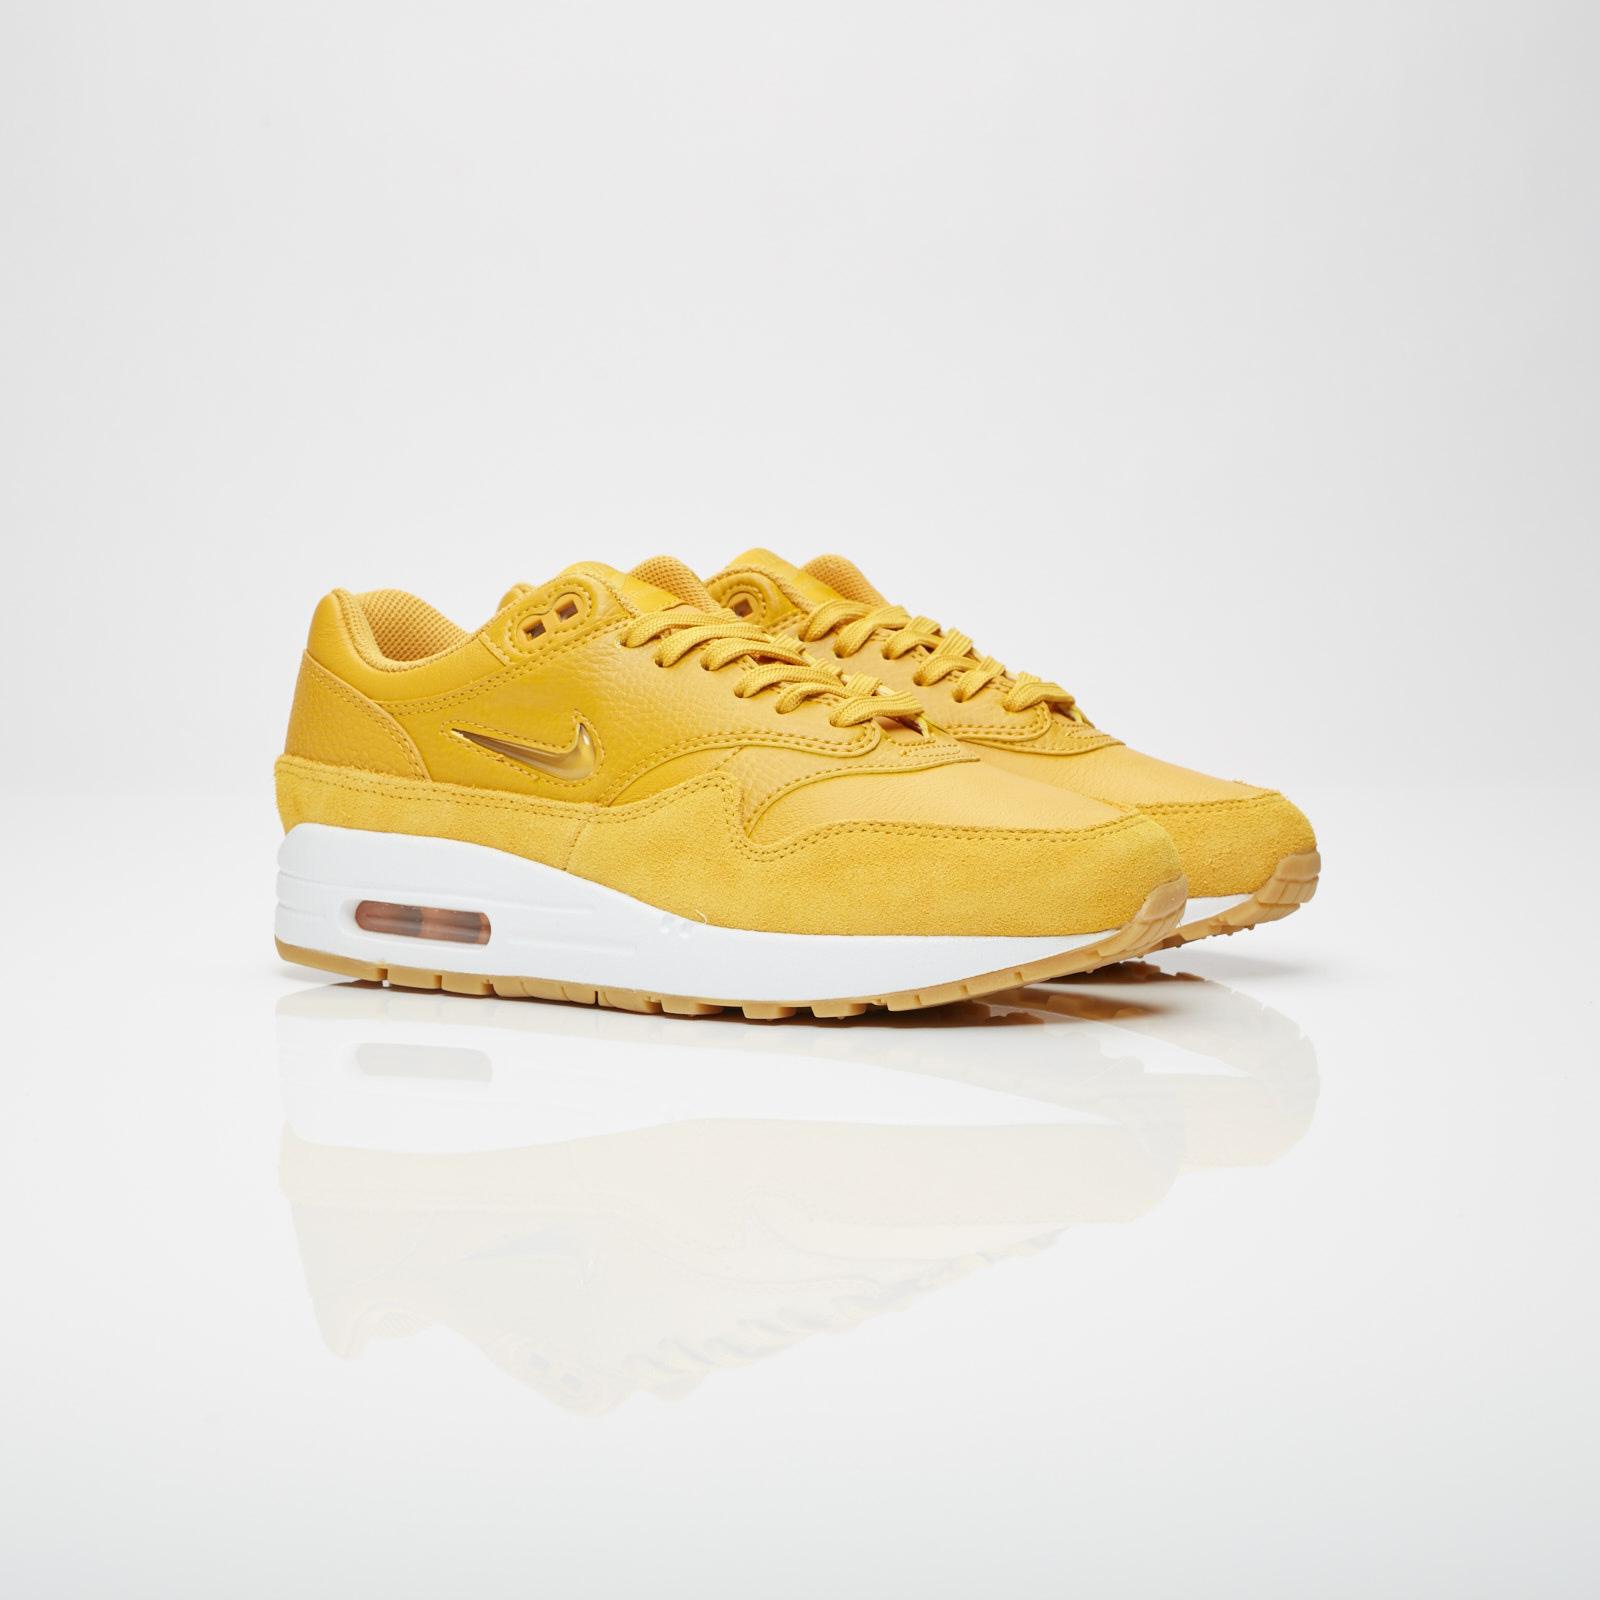 size 40 a867f 04a11 Nike Sportswear Wmns Air Max 1 Premium SC